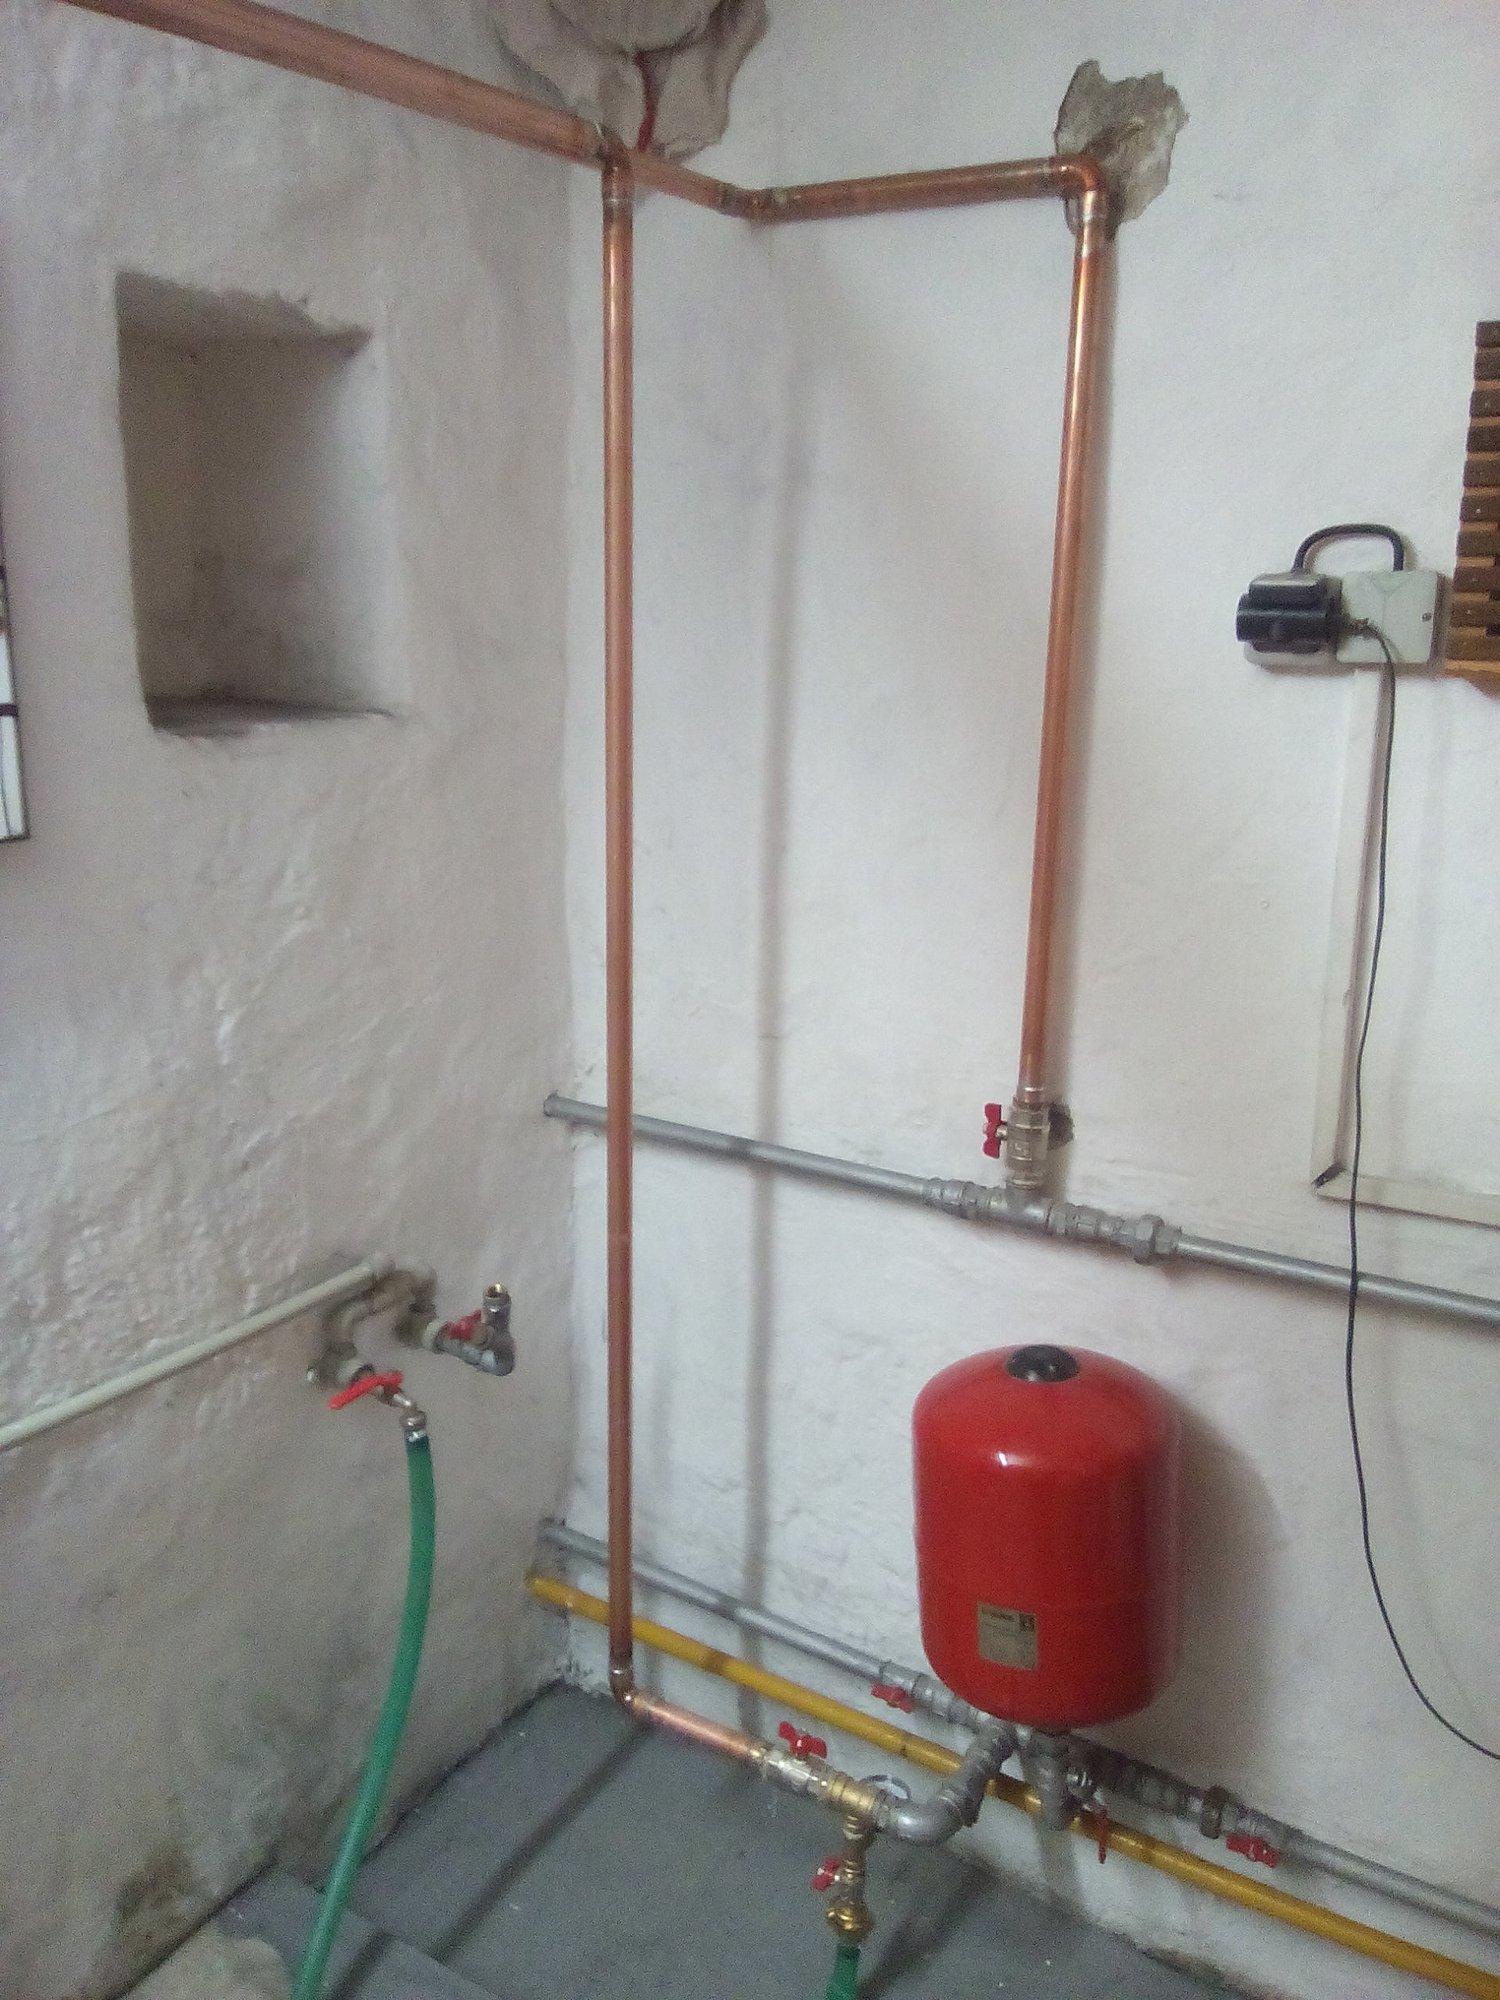 připojte vodovodní potrubí k ledničce rychlost datování bowling